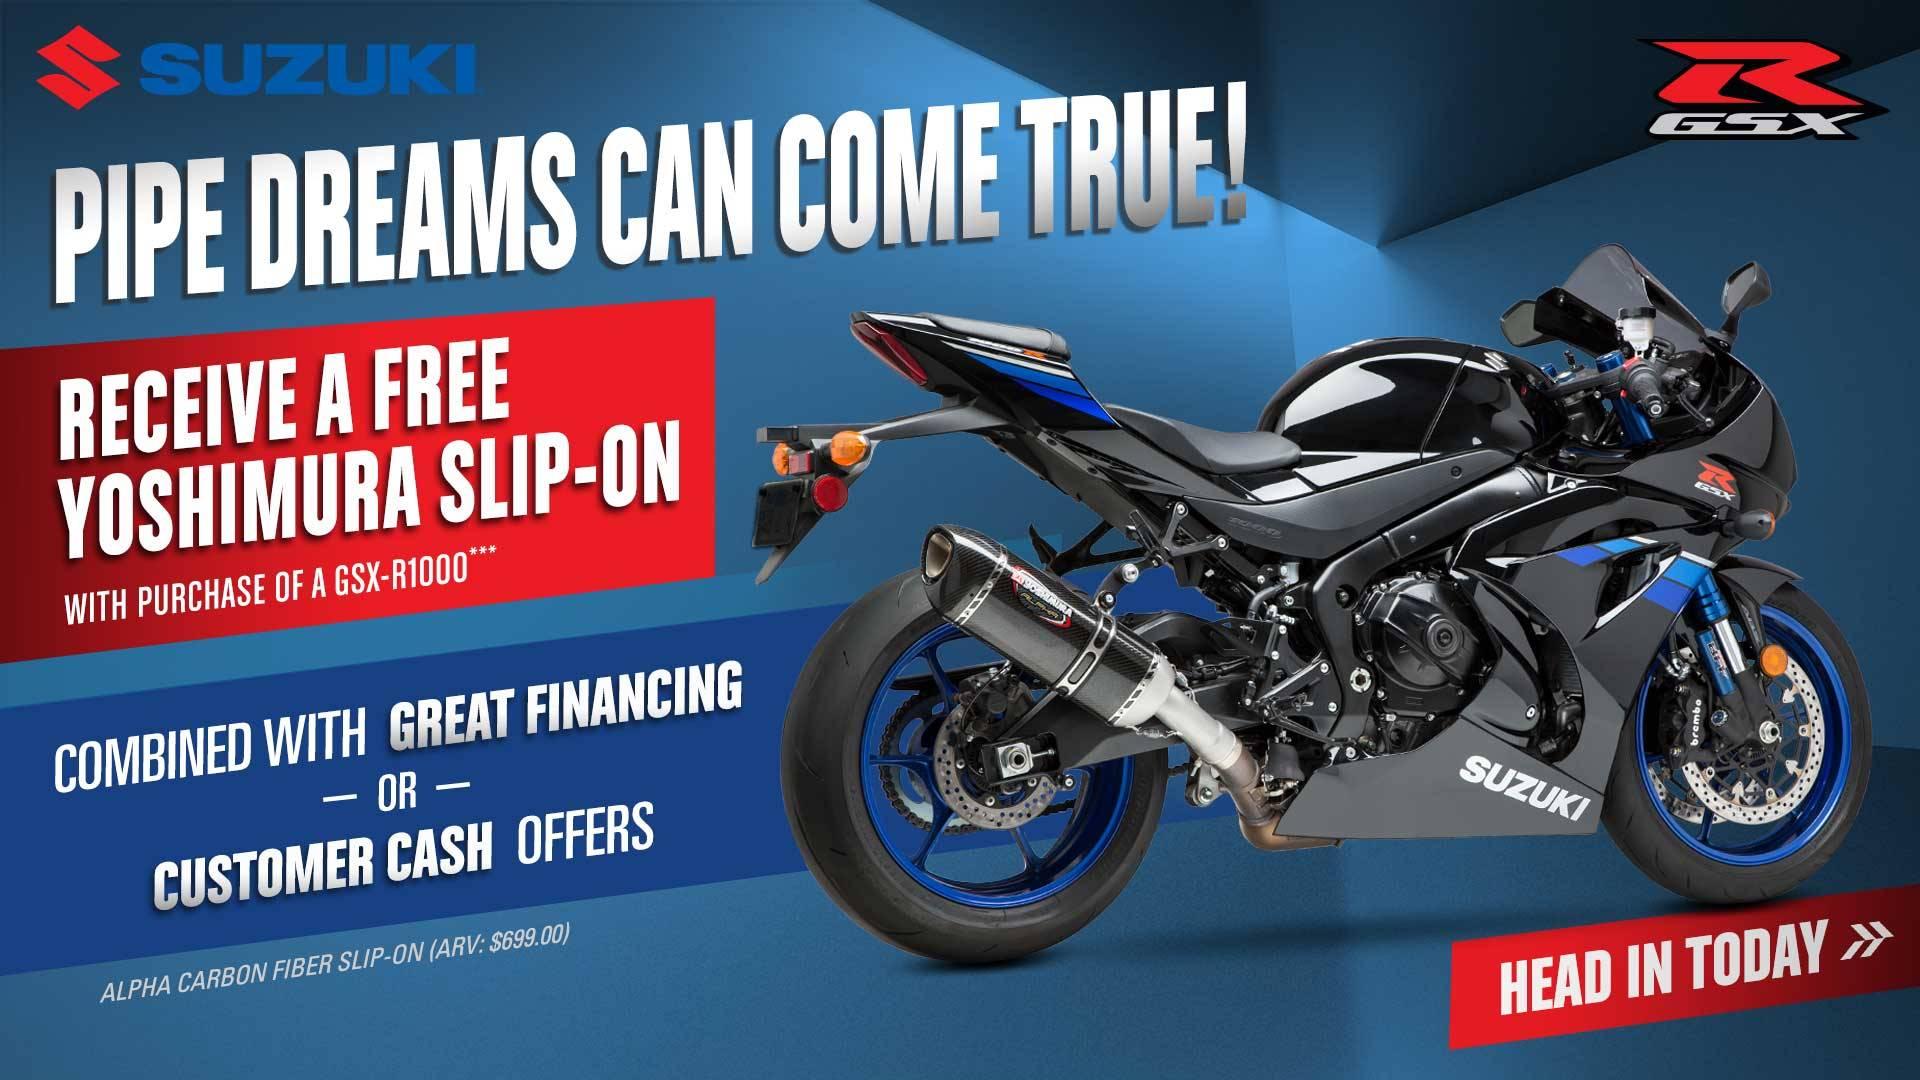 Suzuki - Pipe Dreams Can Come True!